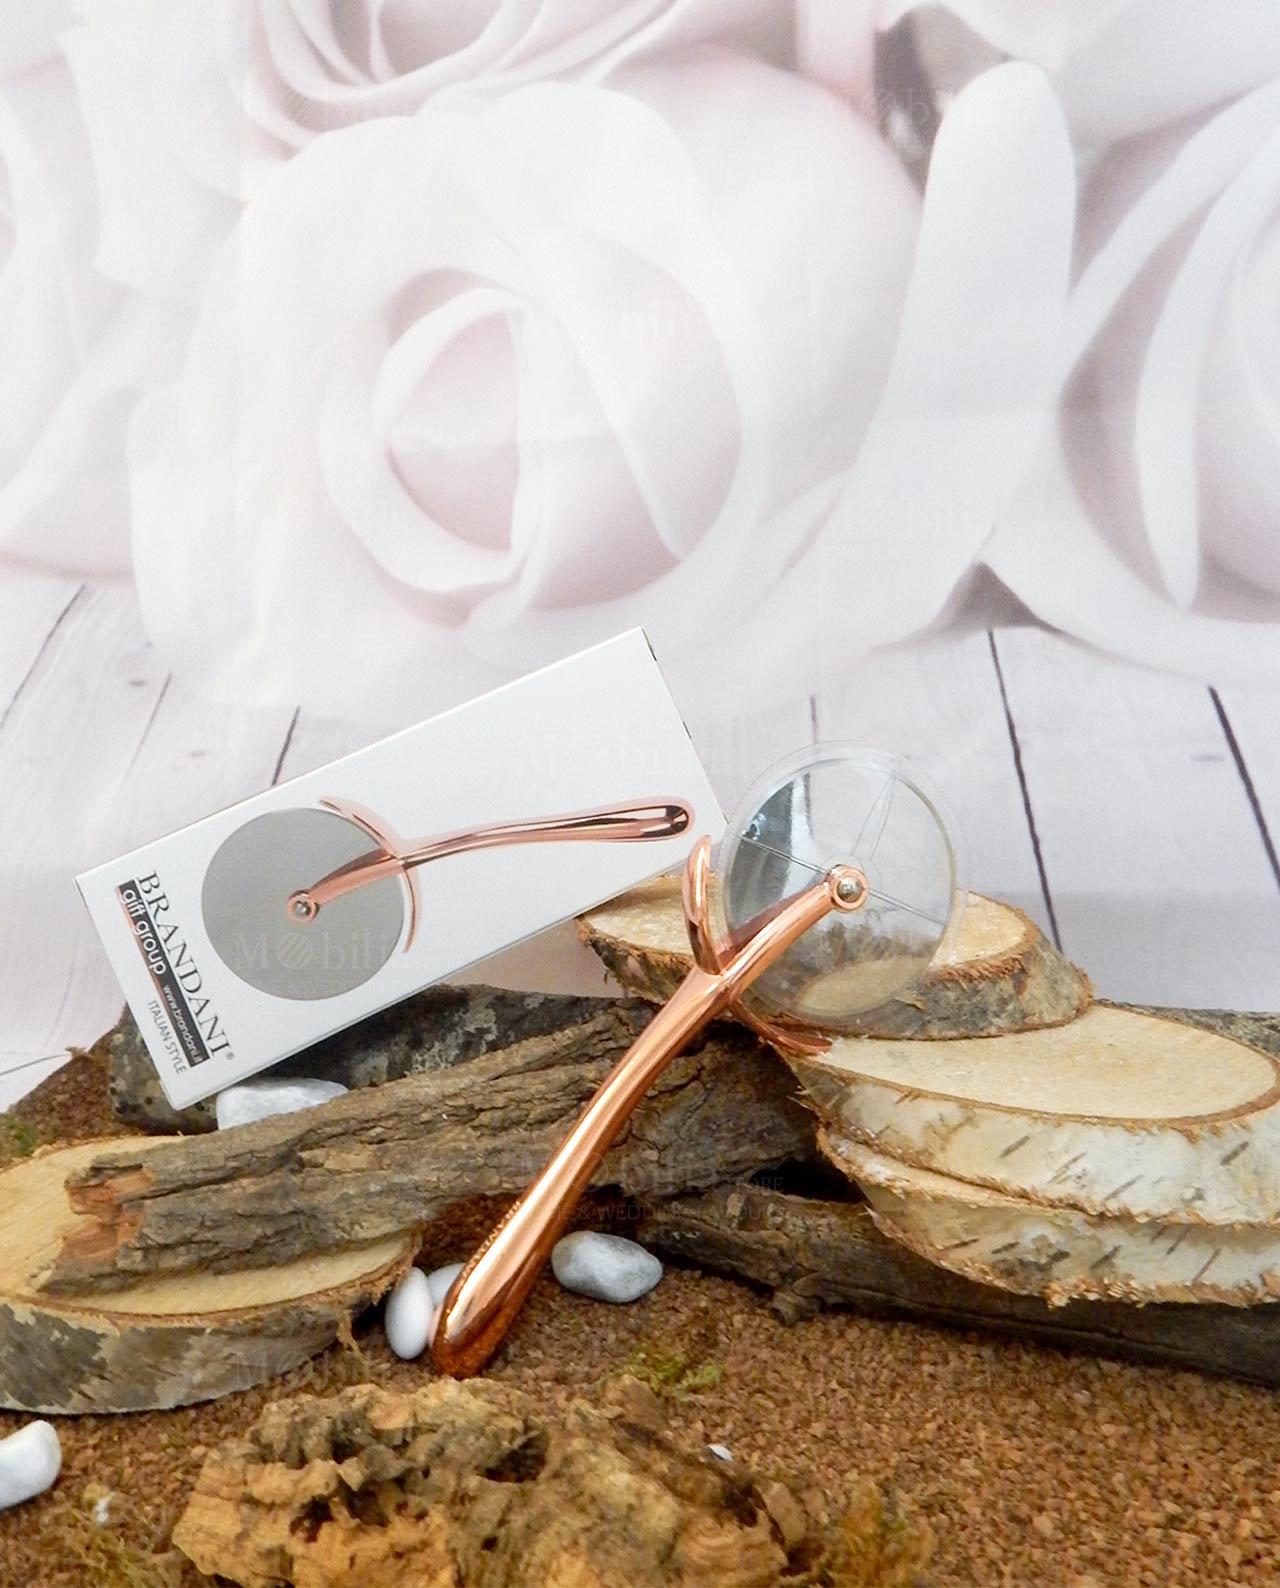 seleziona per autentico outlet in vendita Super carino Accessori cucina tagliapizza rose gold Brandani